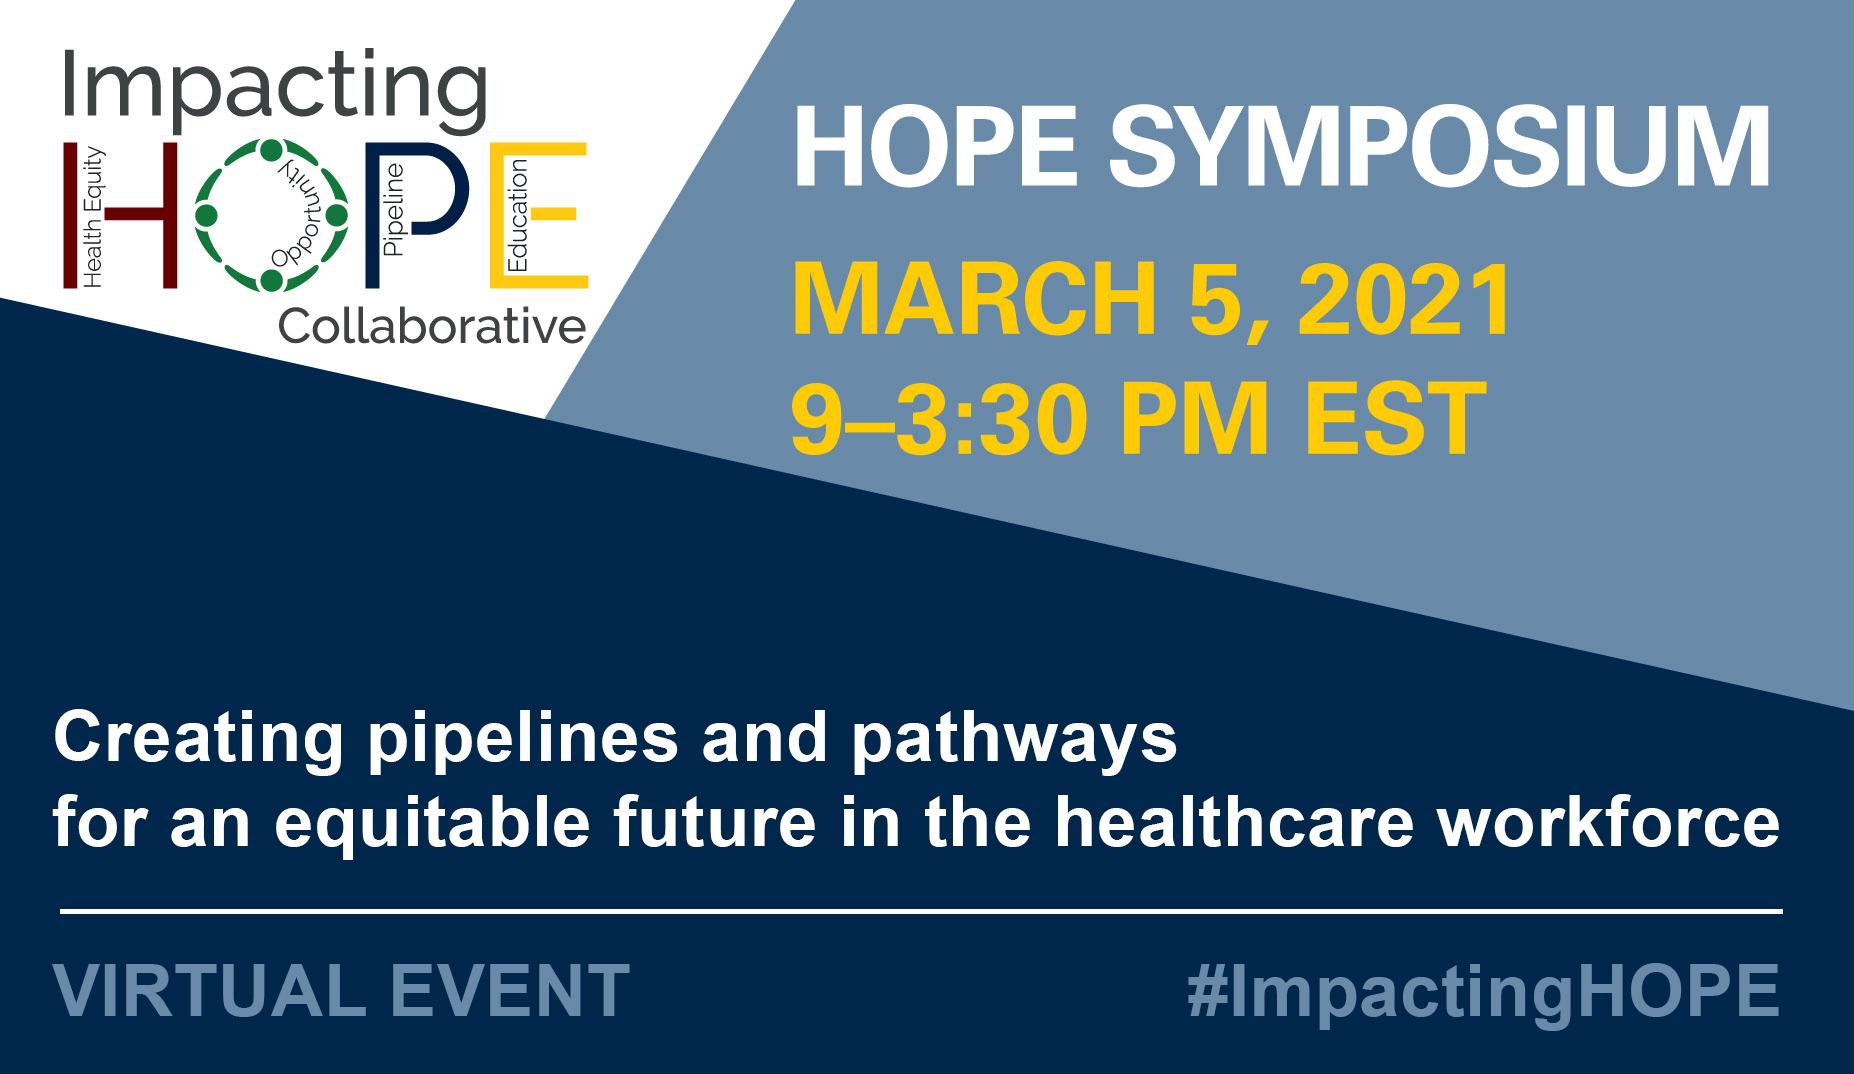 Hope Symposium 2021